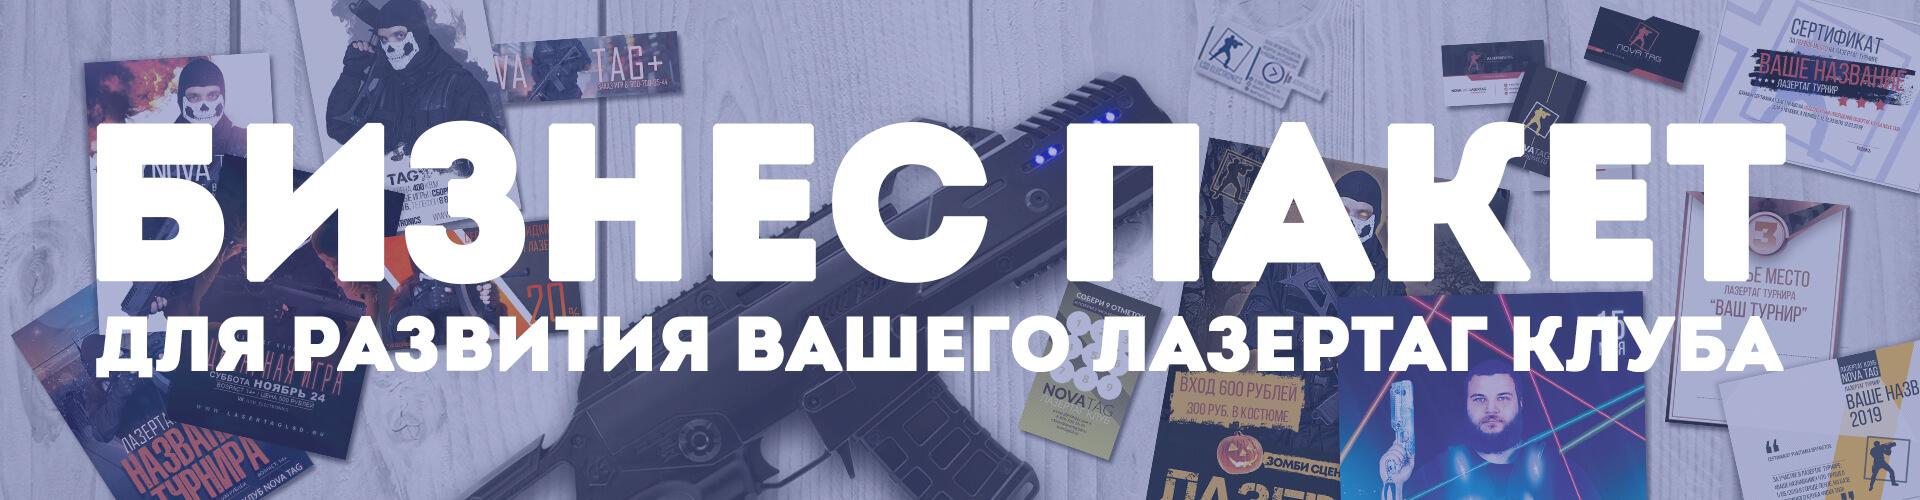 БИЗНЕС ПАКЕТ